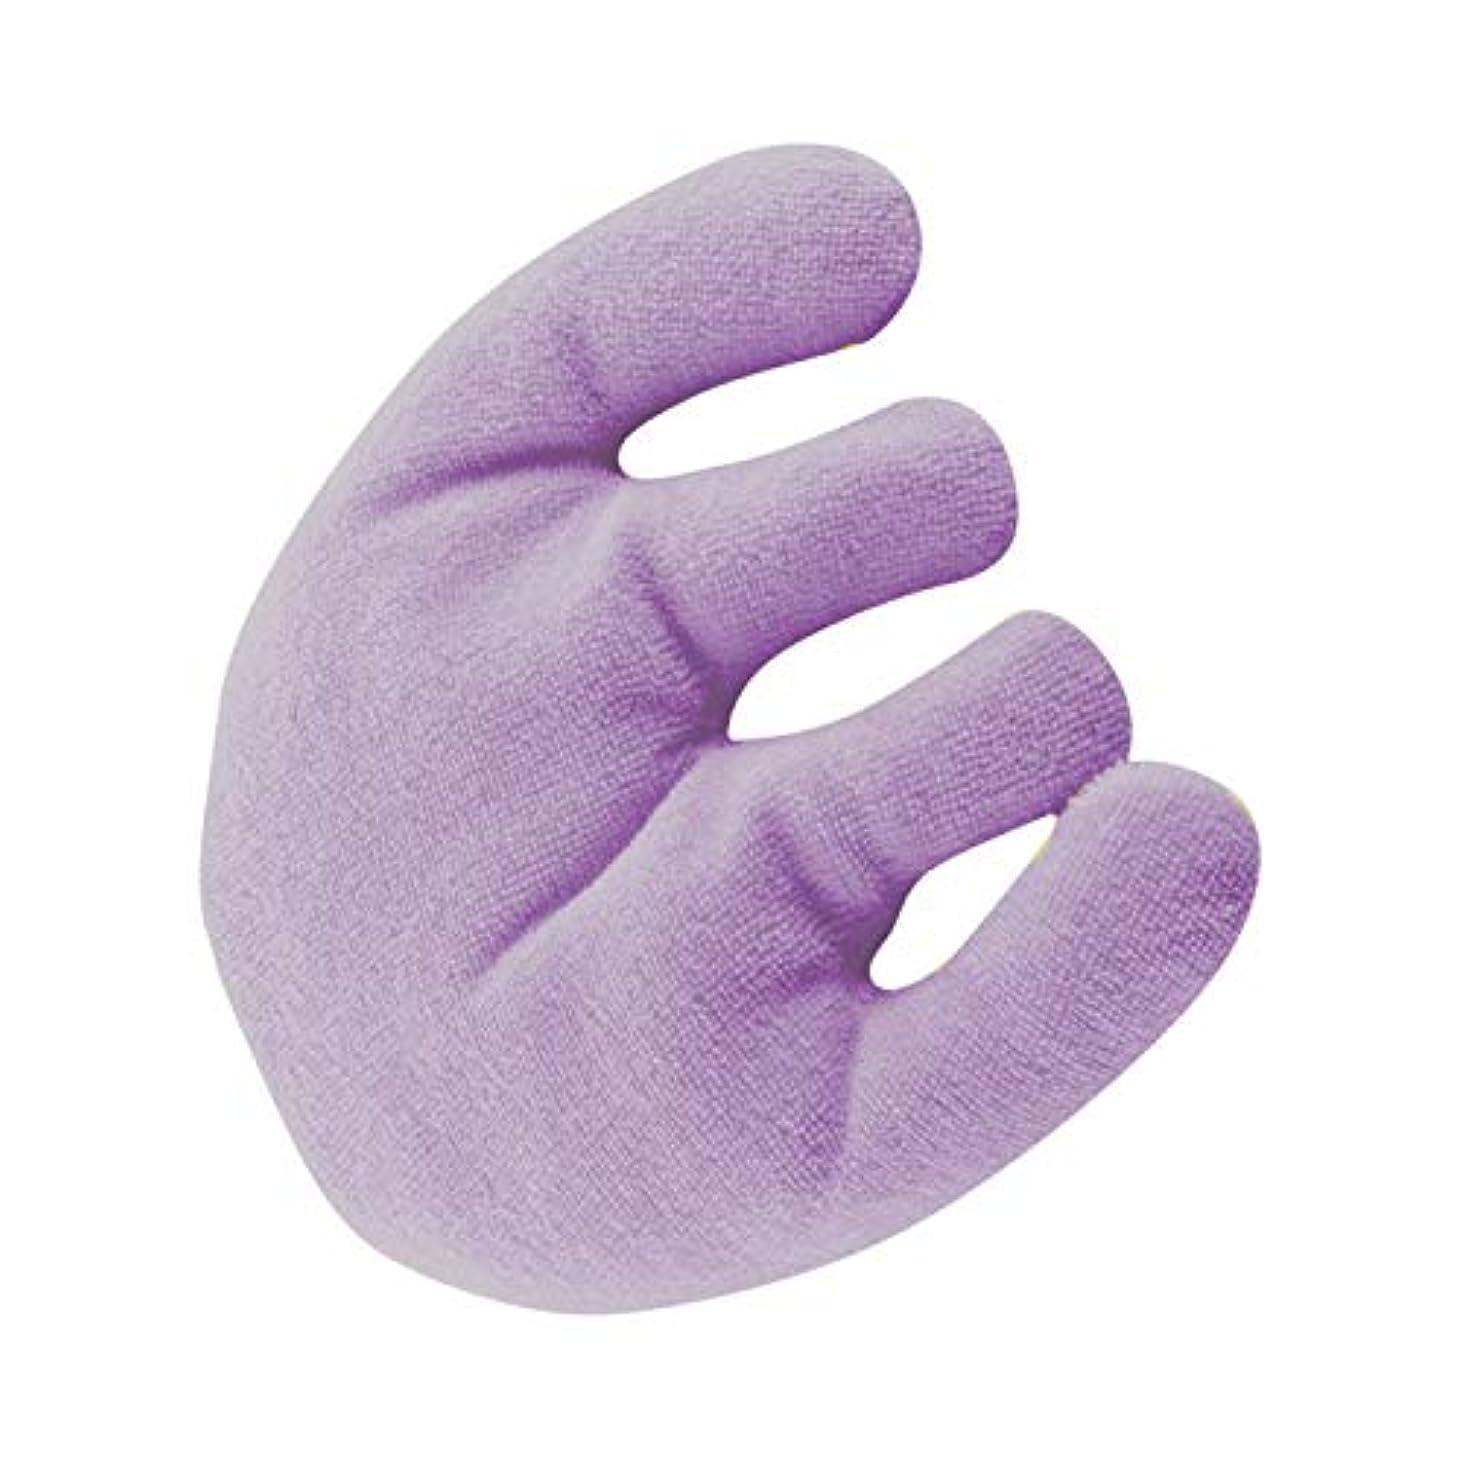 語戦術スキッパー癒し手枕 ふかふか リラックス バネ指